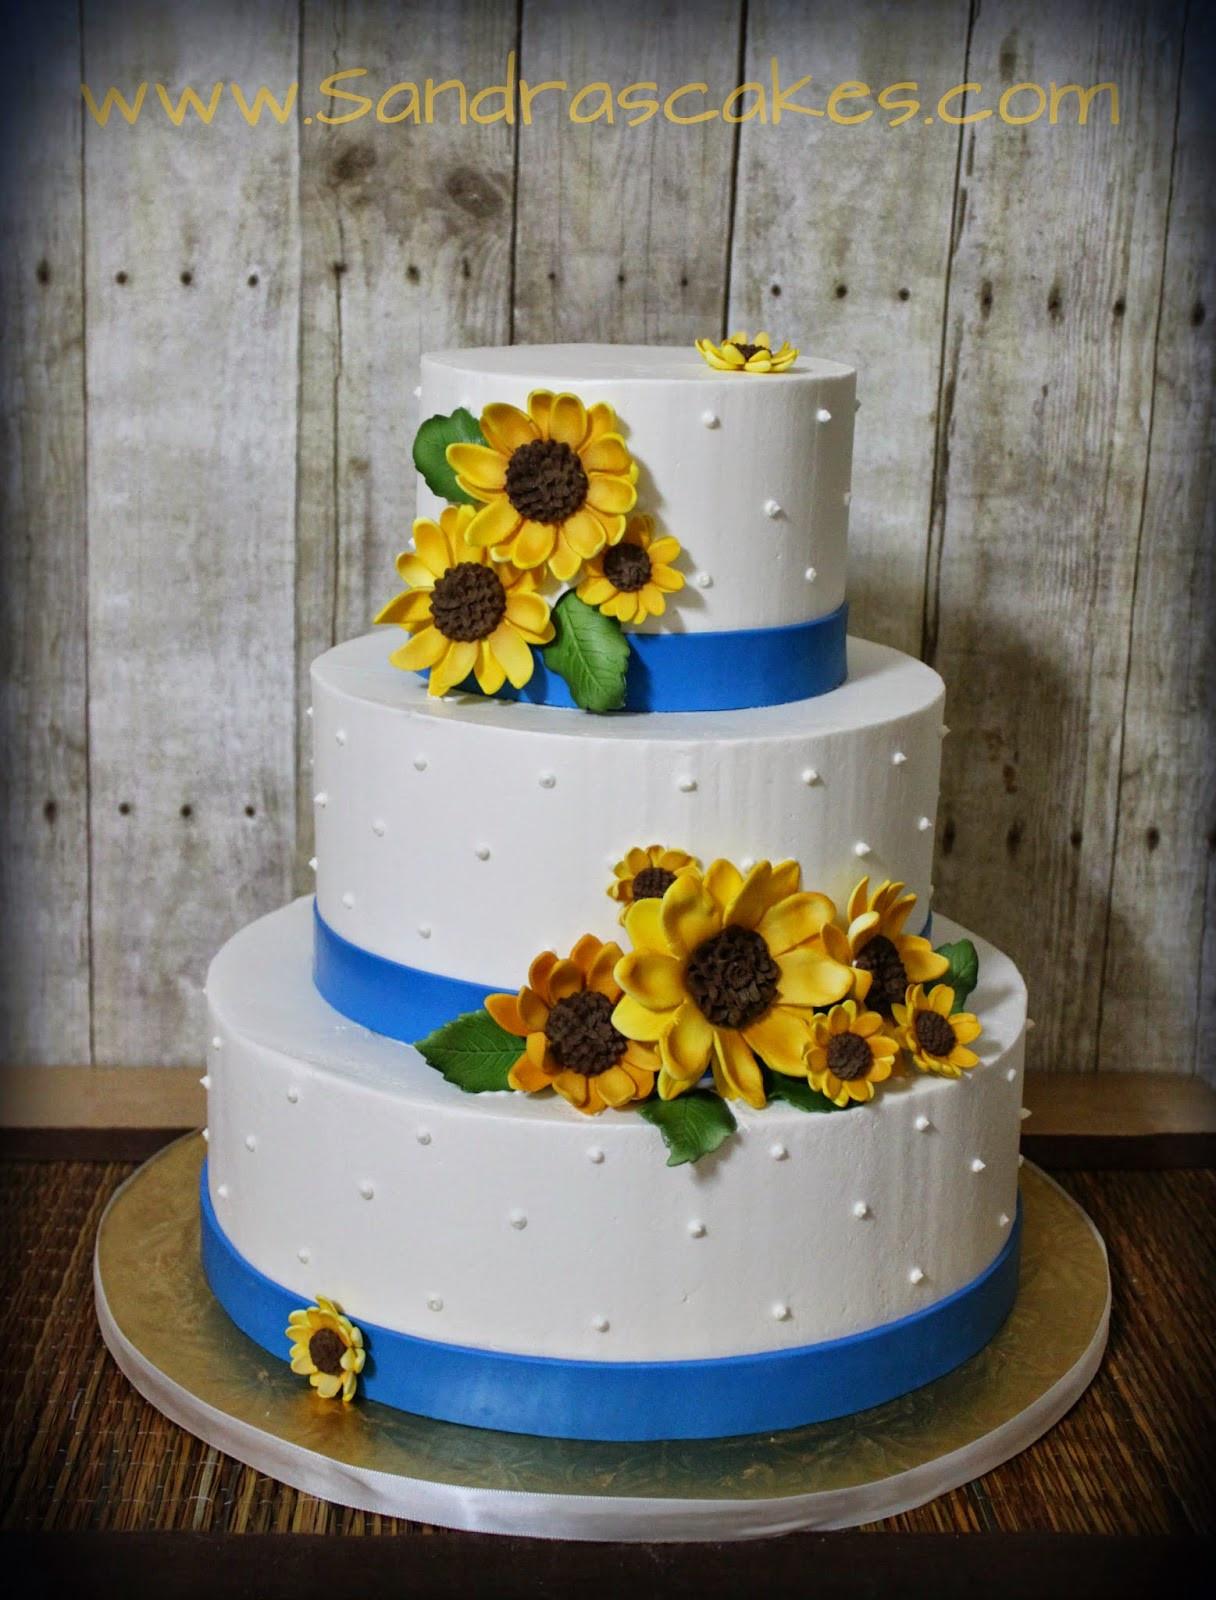 Sunflower Wedding Cakes  Classy Sunflower Themed Buttercream Wedding Cake